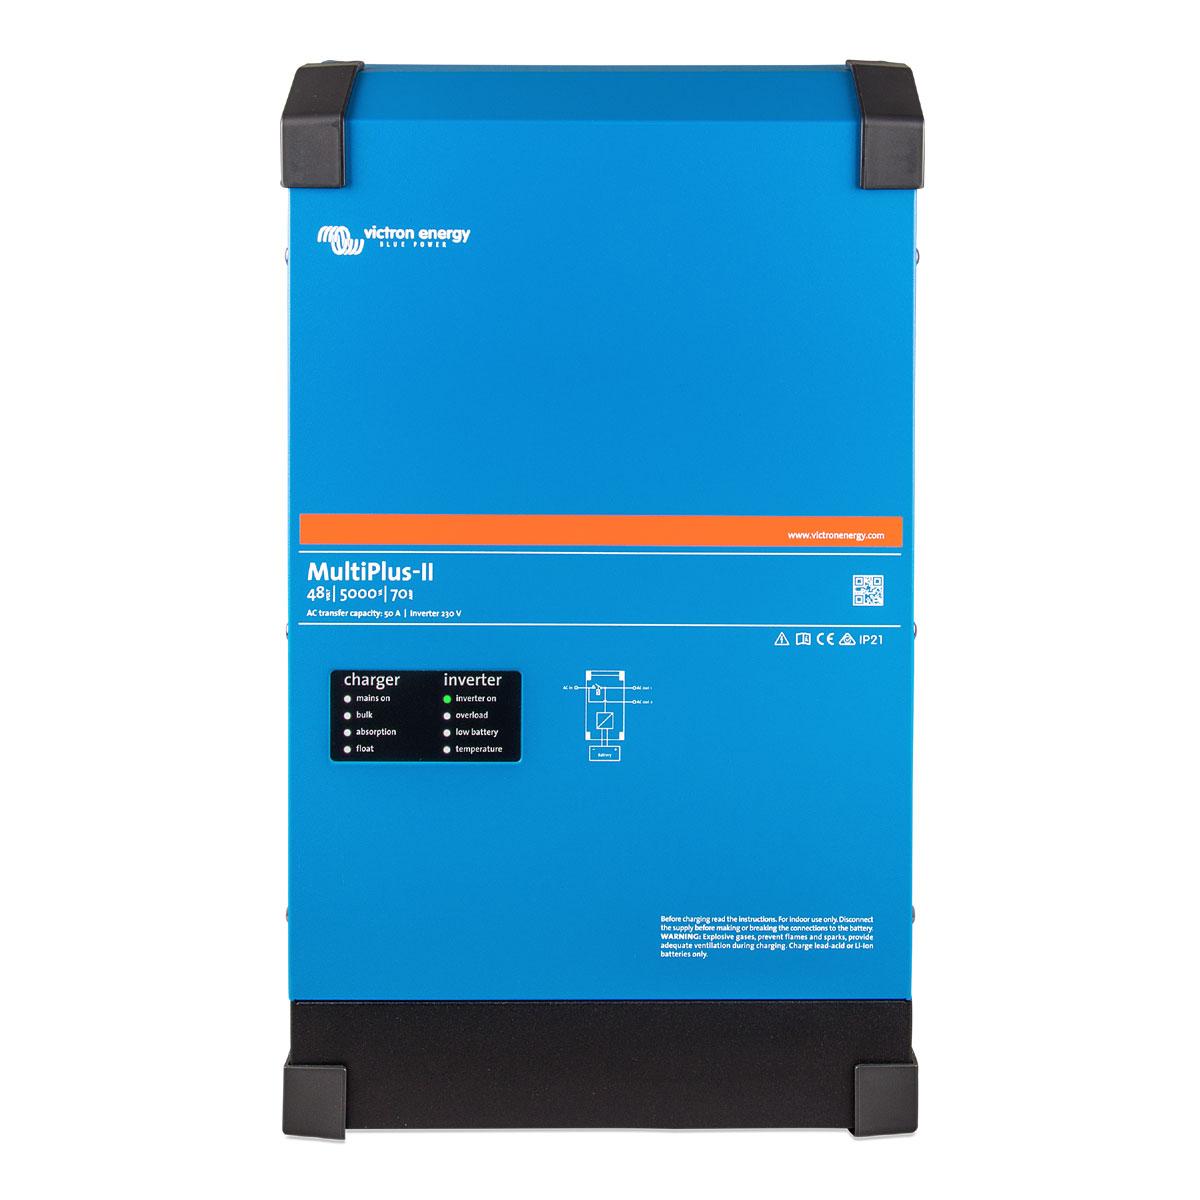 MultiPlus II 48/5000/70-50 Wechselrichter/Ladegerät